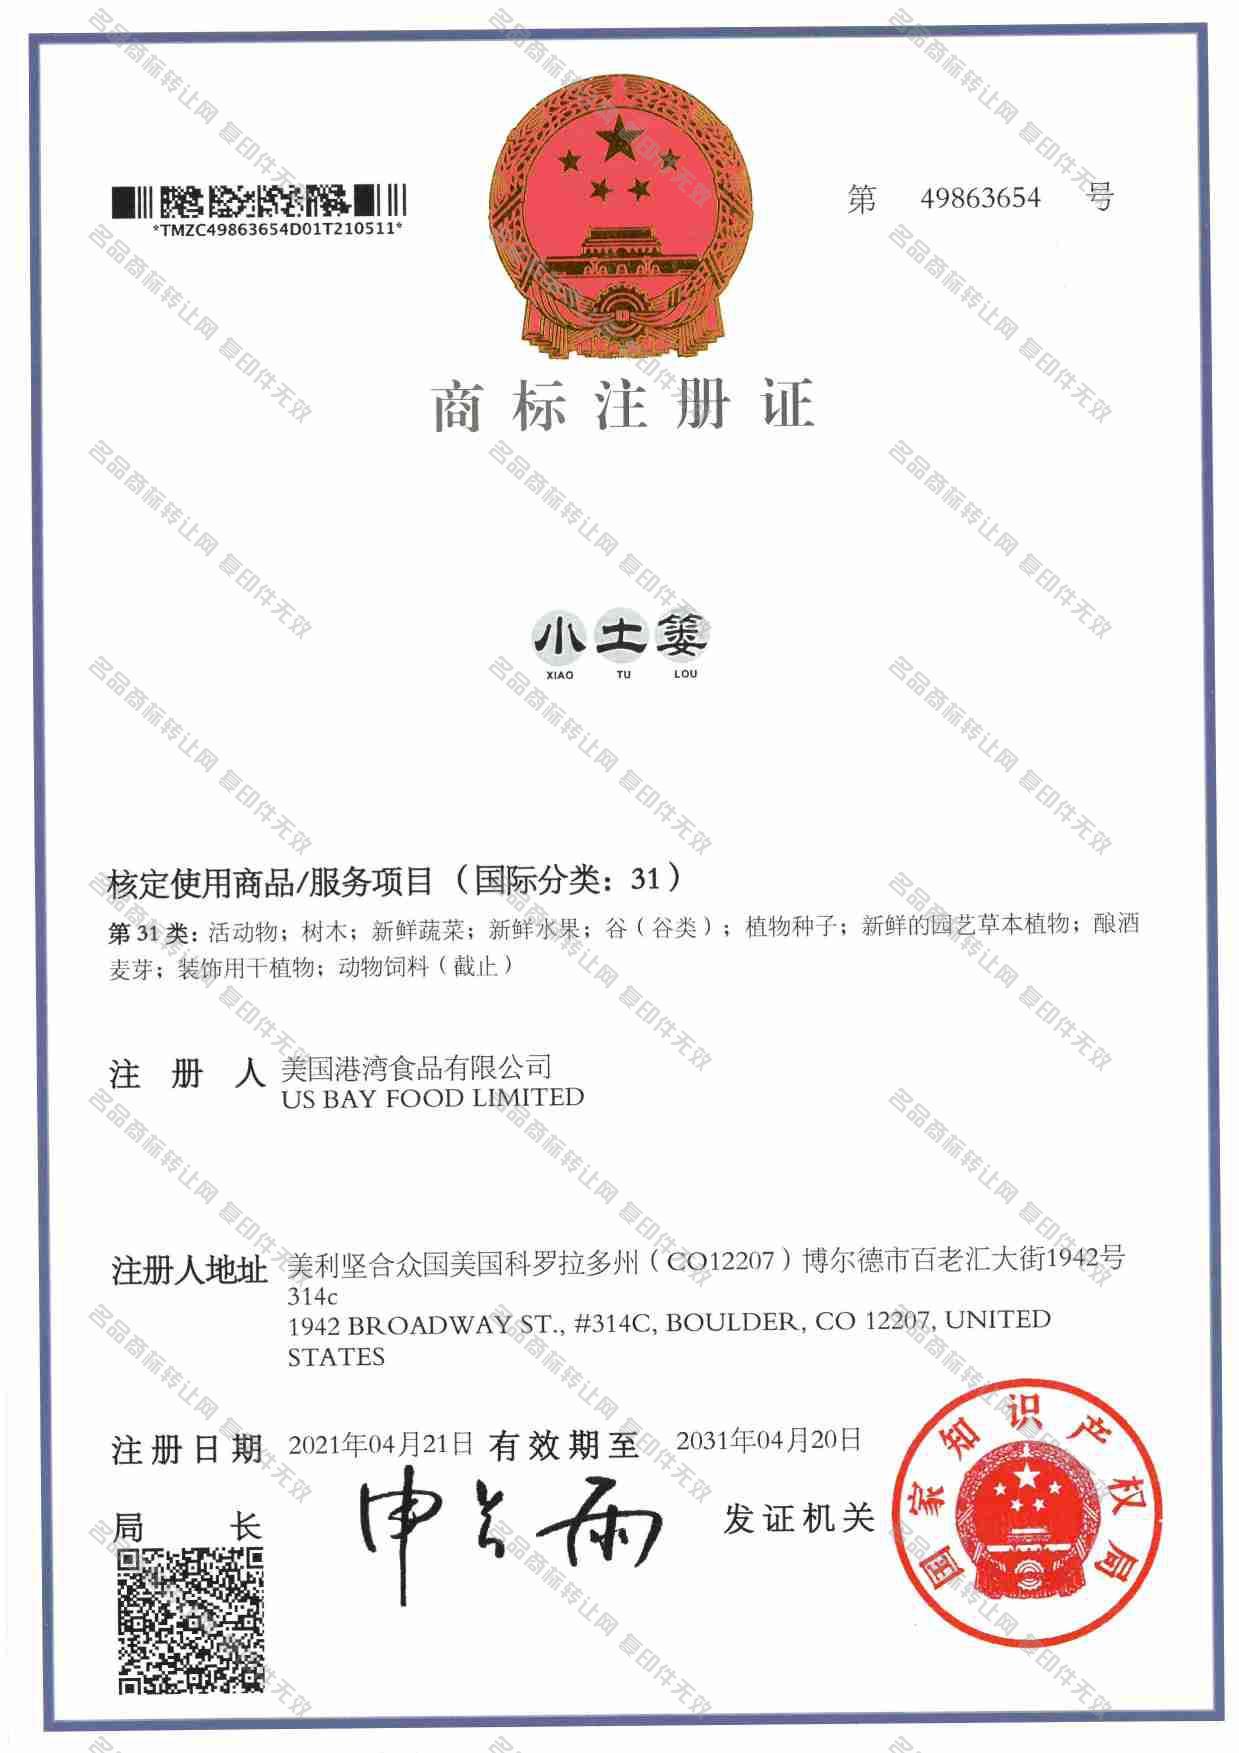 小土篓注册证